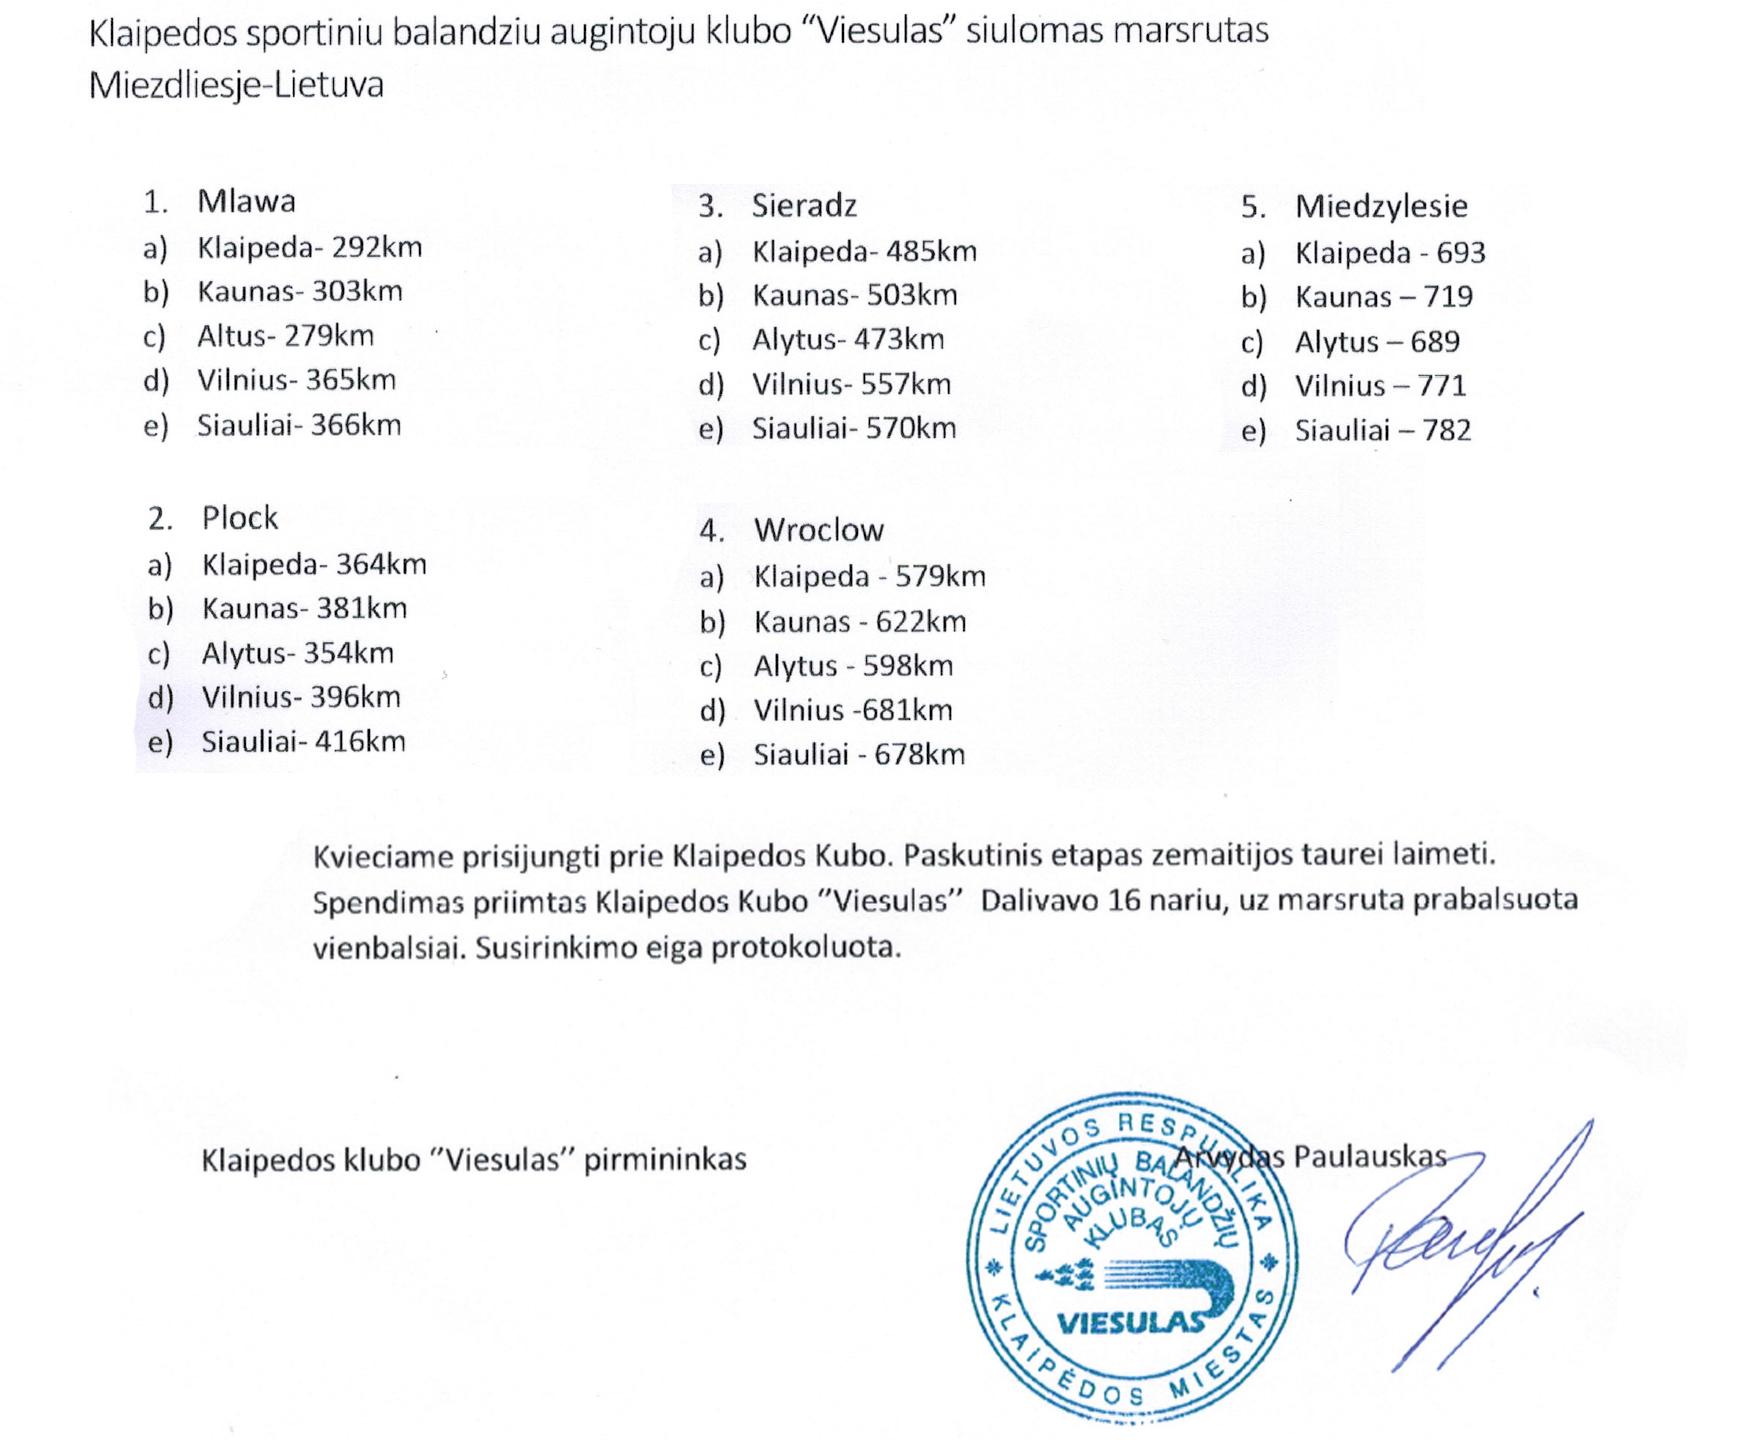 klaipedos_pasiulymas